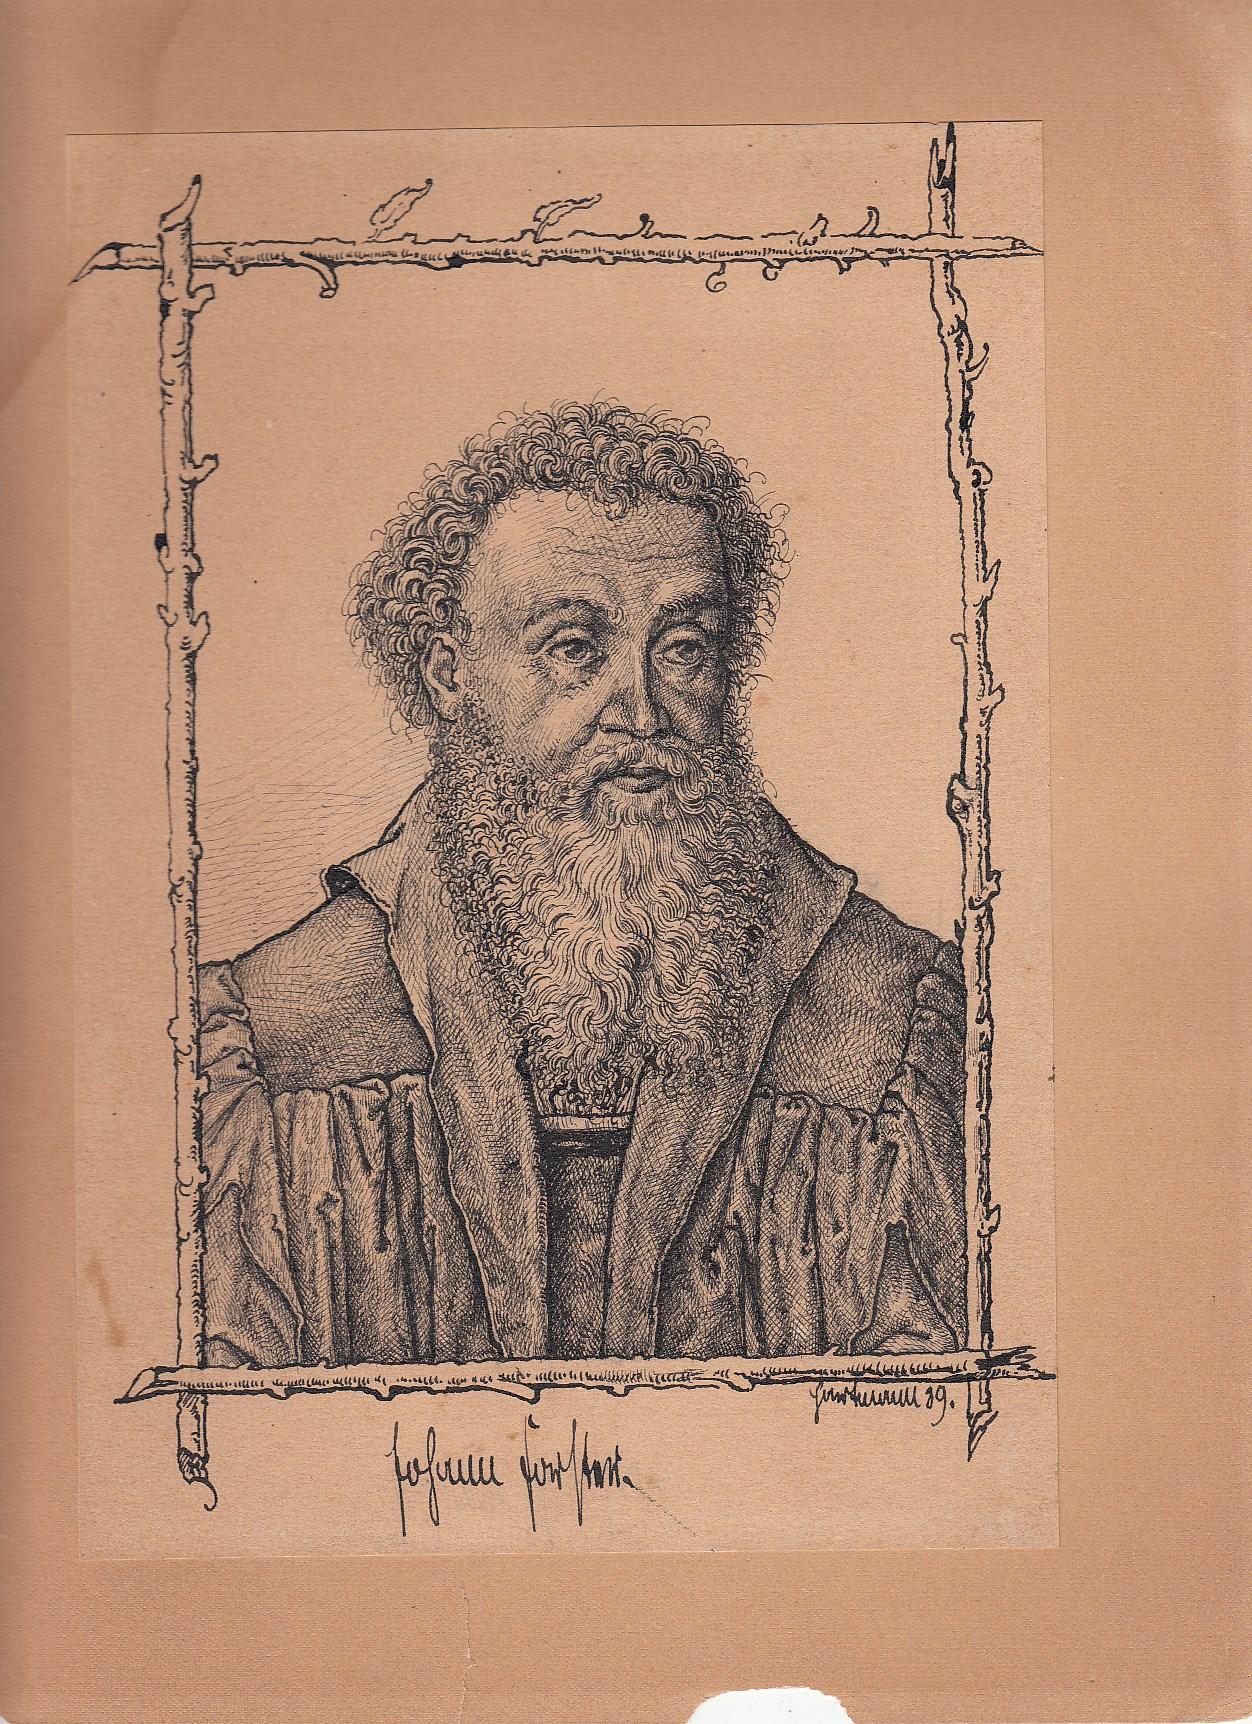 Porträt des Reformators Johann Forster (Ioannes Forsterus, Förster oder Forstheim), 1496 Augsburg-1558 Wittenberg. Originalfederzeichnung nach einem alten Kupferstich. Unten rechts unleserlich signiert.